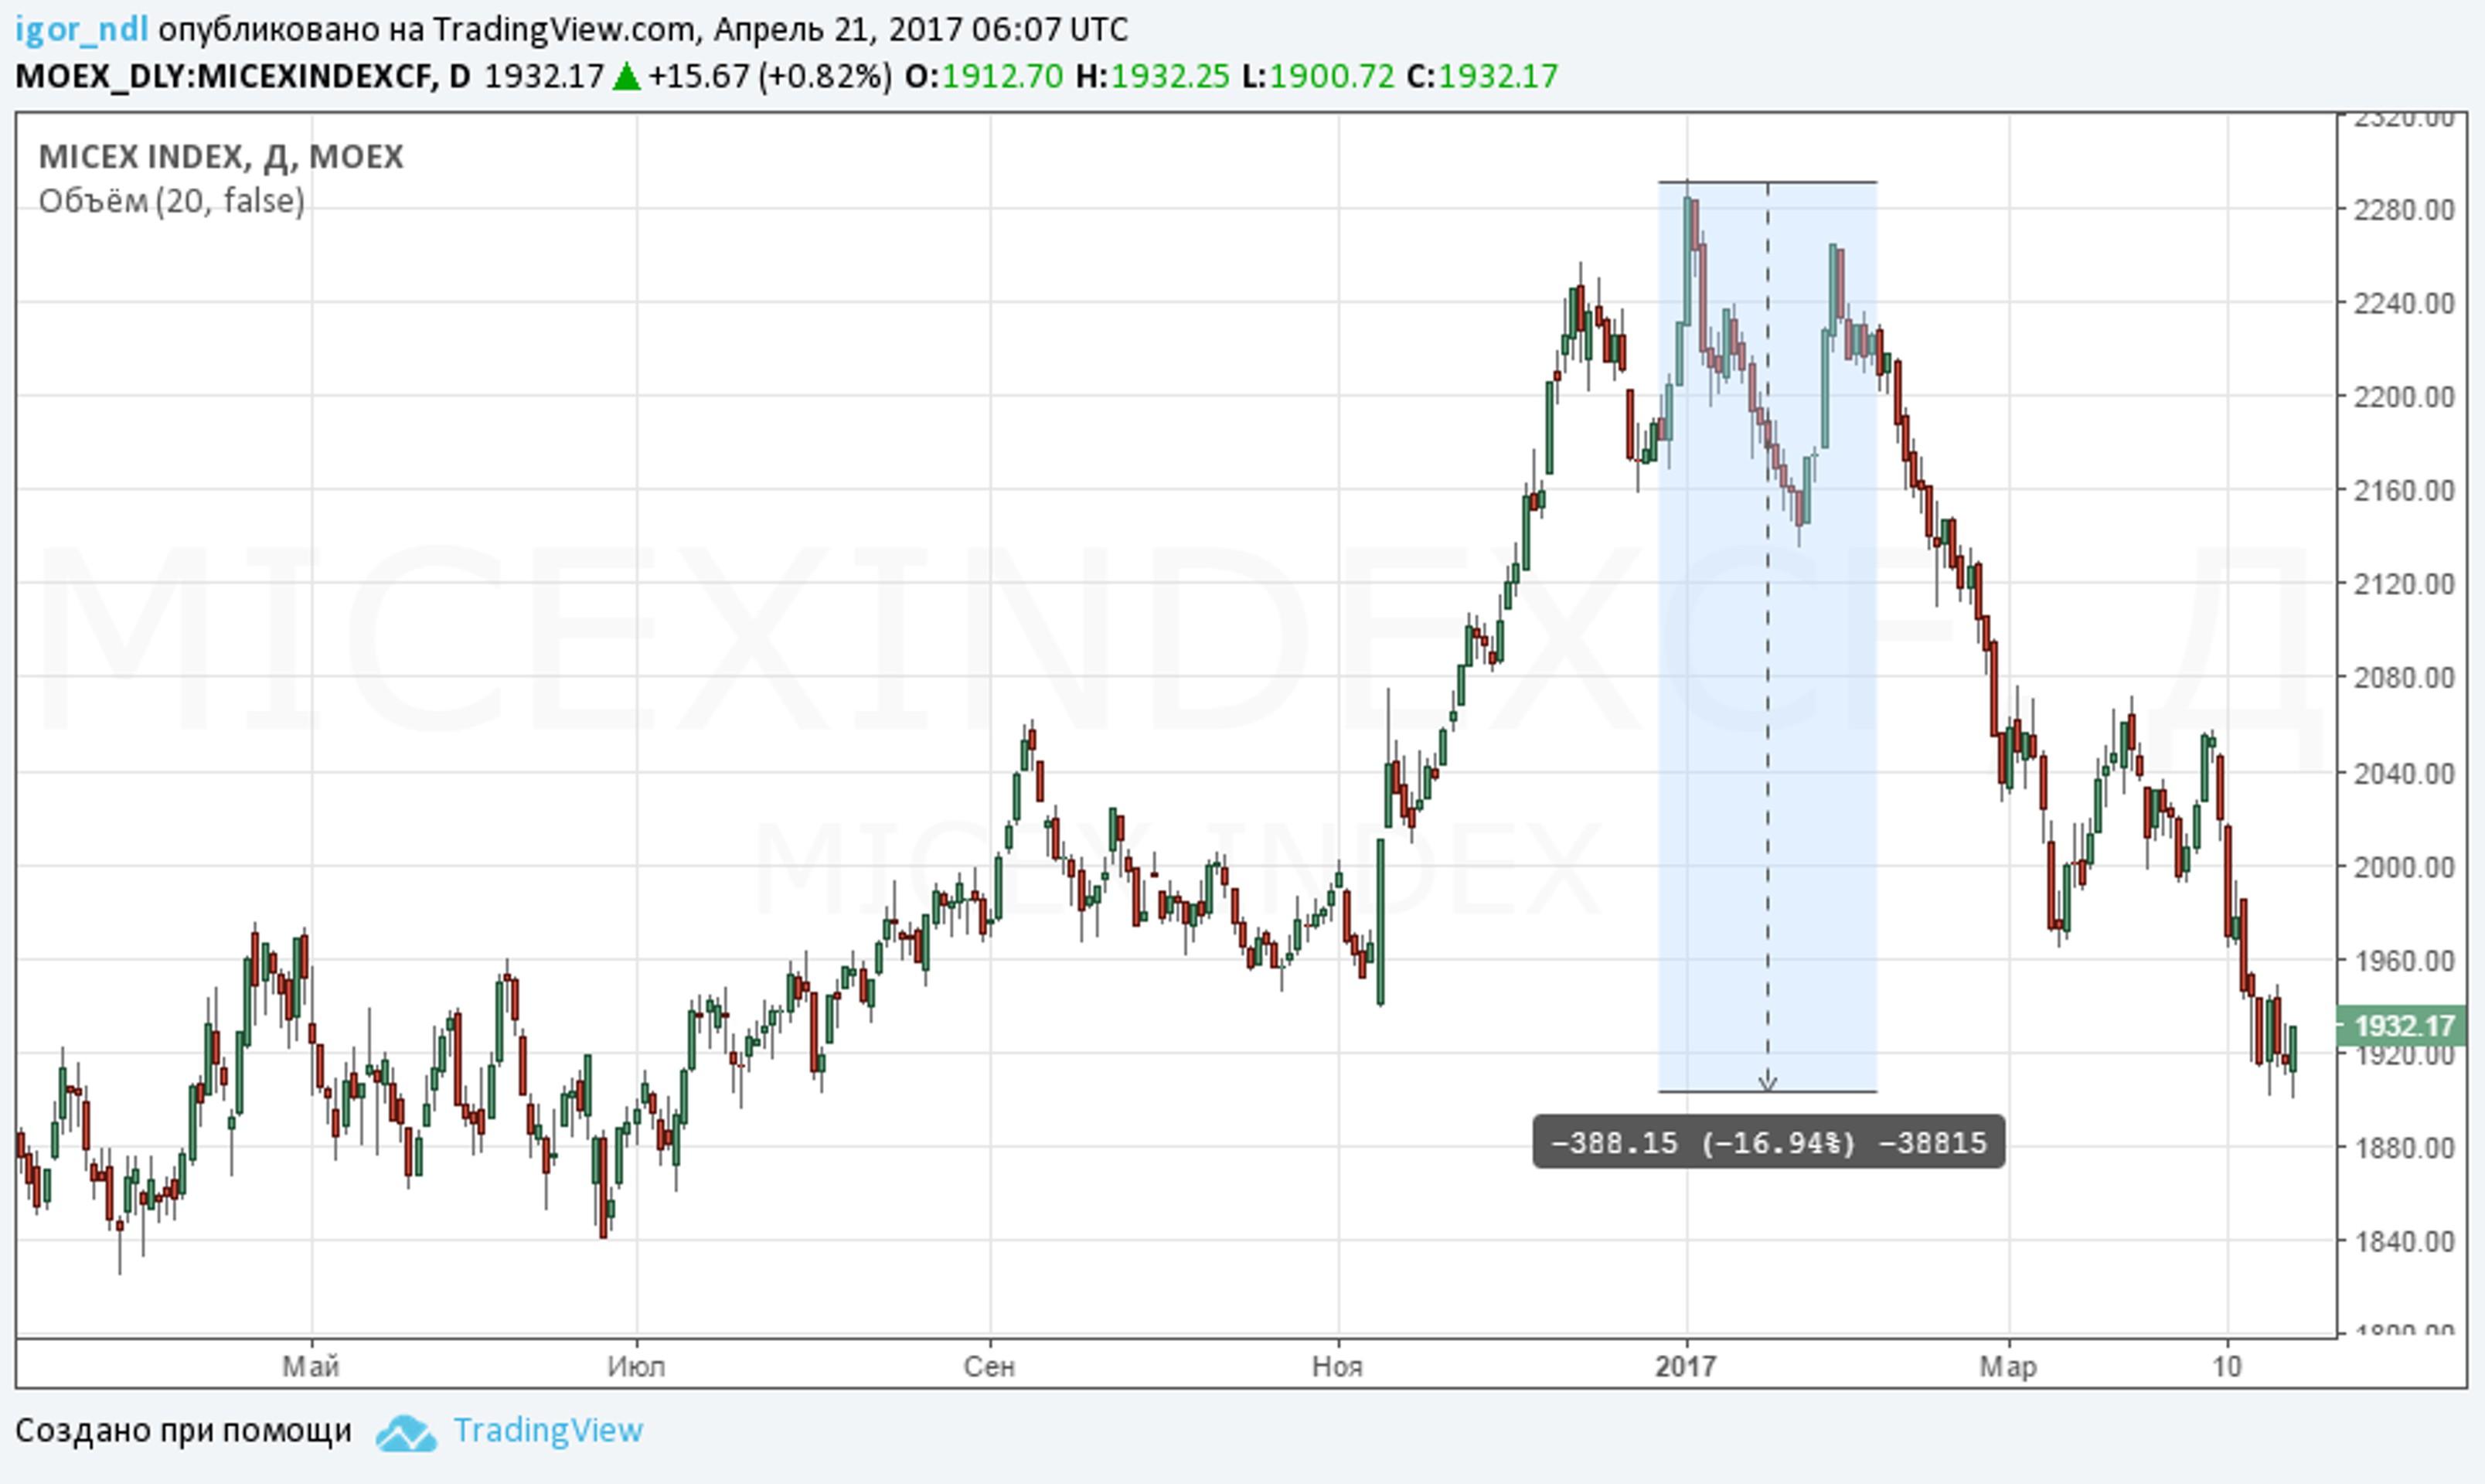 Инвесторы бегут из российских акций